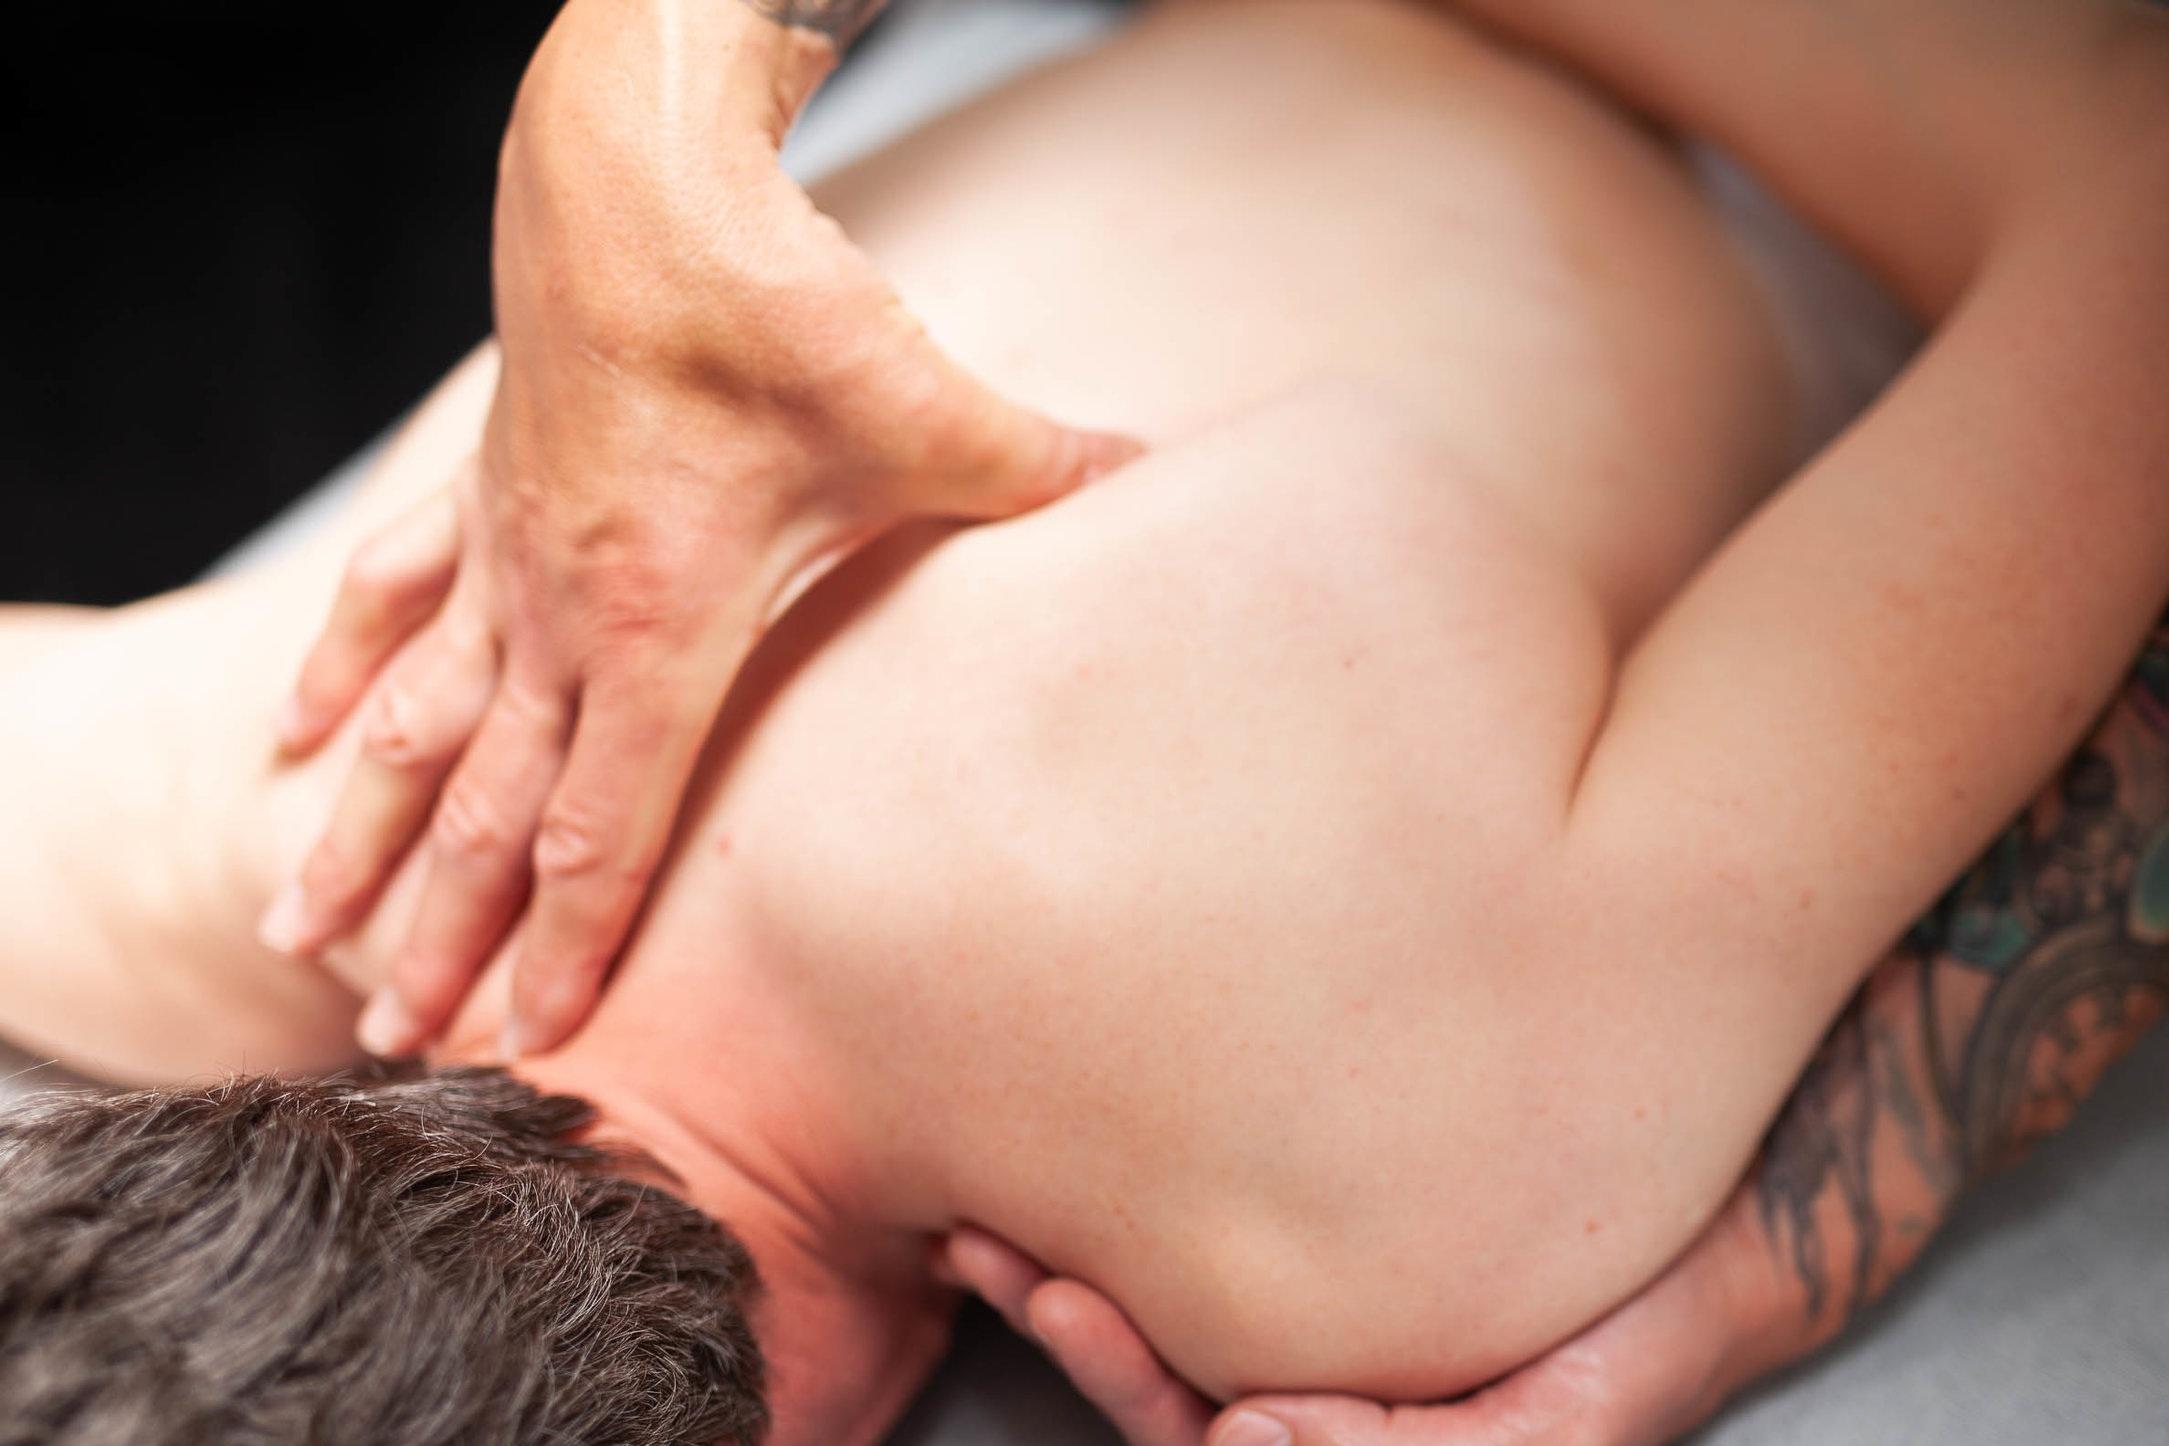 %C2%A9natashabidgood-lisa-massage-6765+%281%29.jpg